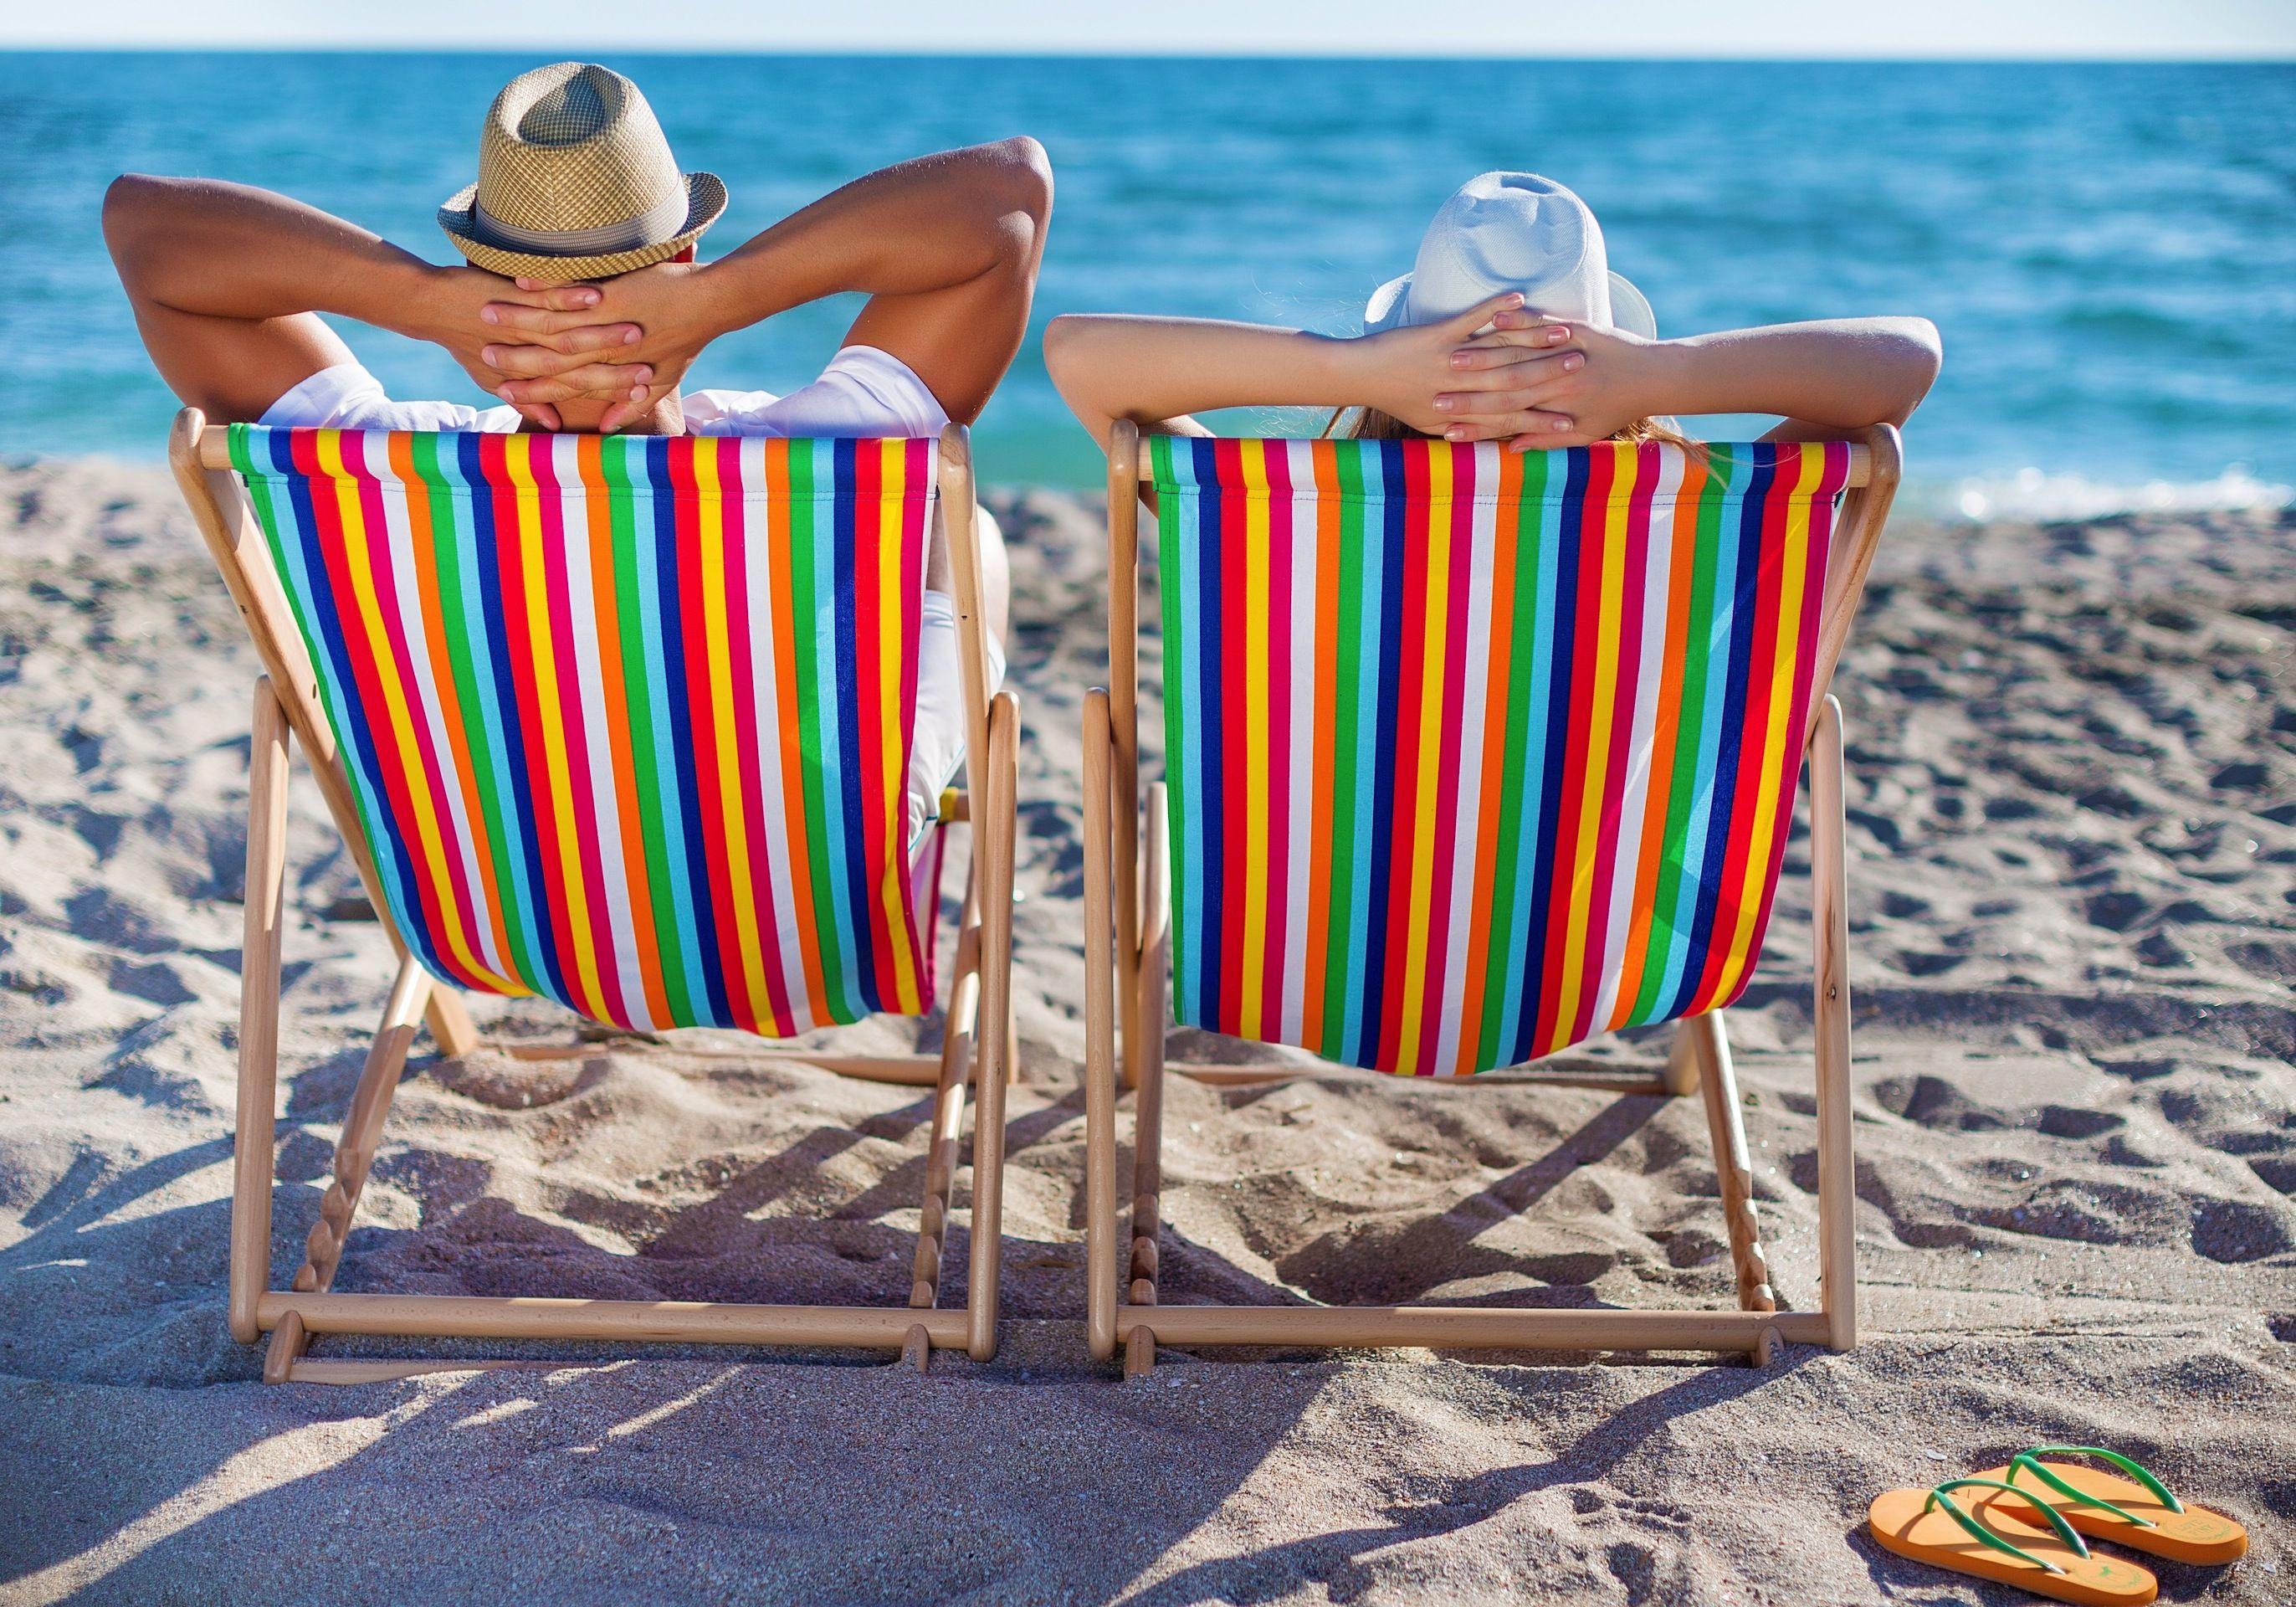 High Intensity Interval Living June 27, 2015 Beach